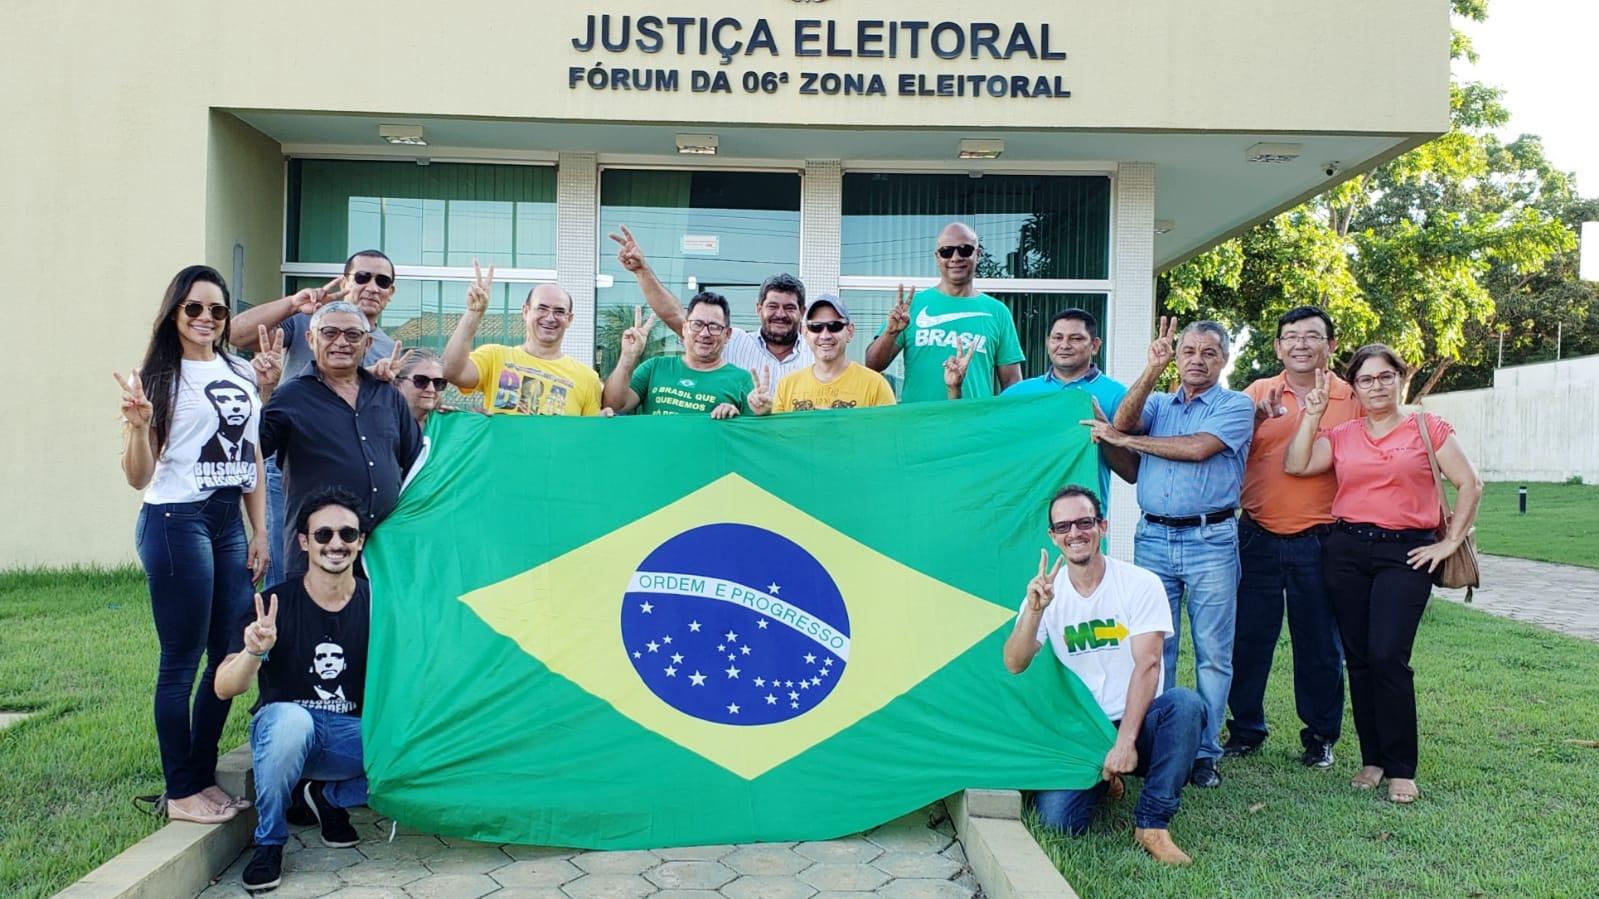 Bolsonaristas de Guaraí realizam ato de desfiliação coletiva em apoio ao Presidente da República